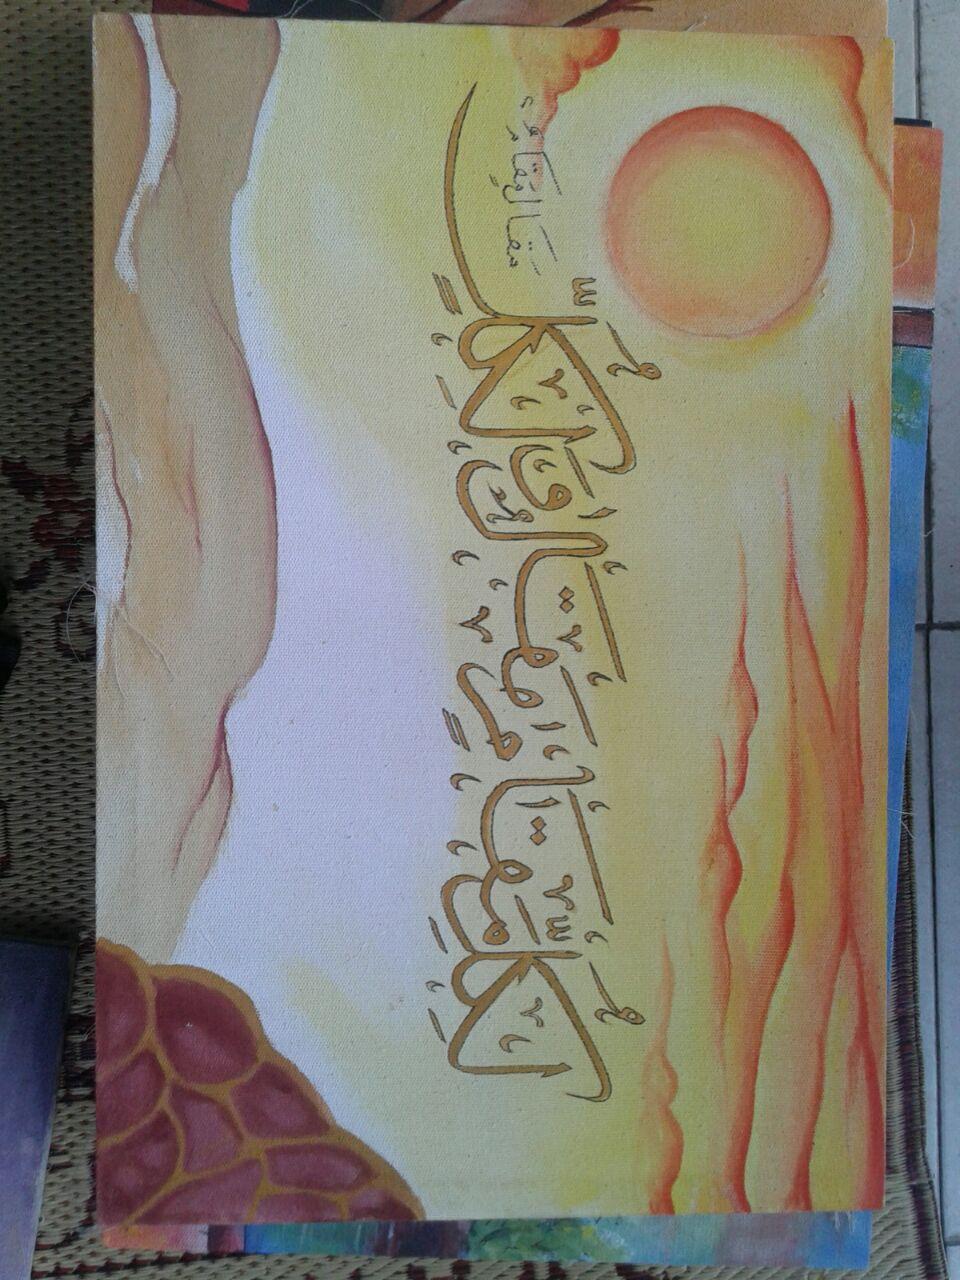 Contoh Kaligrafi Kontemporer Mudah Gallery Islami Terbaru